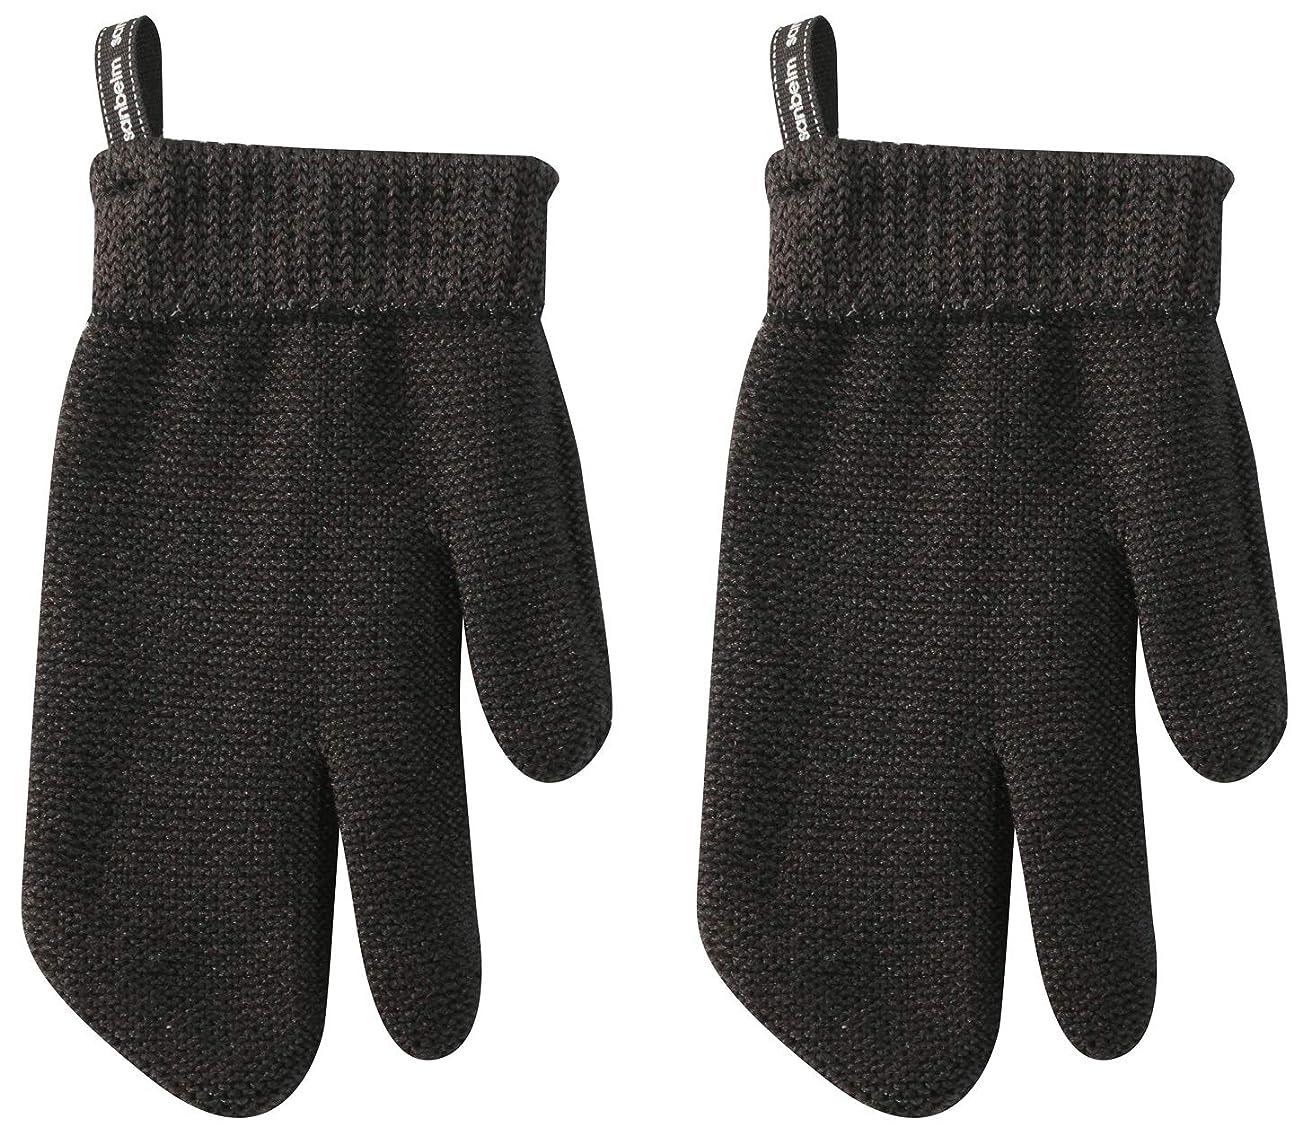 事故バージン扱いやすいサンベルム(Sanbelm) ビストロ先生 和歌山生まれの 手袋 たわし 2個組 ブラック 約12×1.5×21cm (日本製) L10312